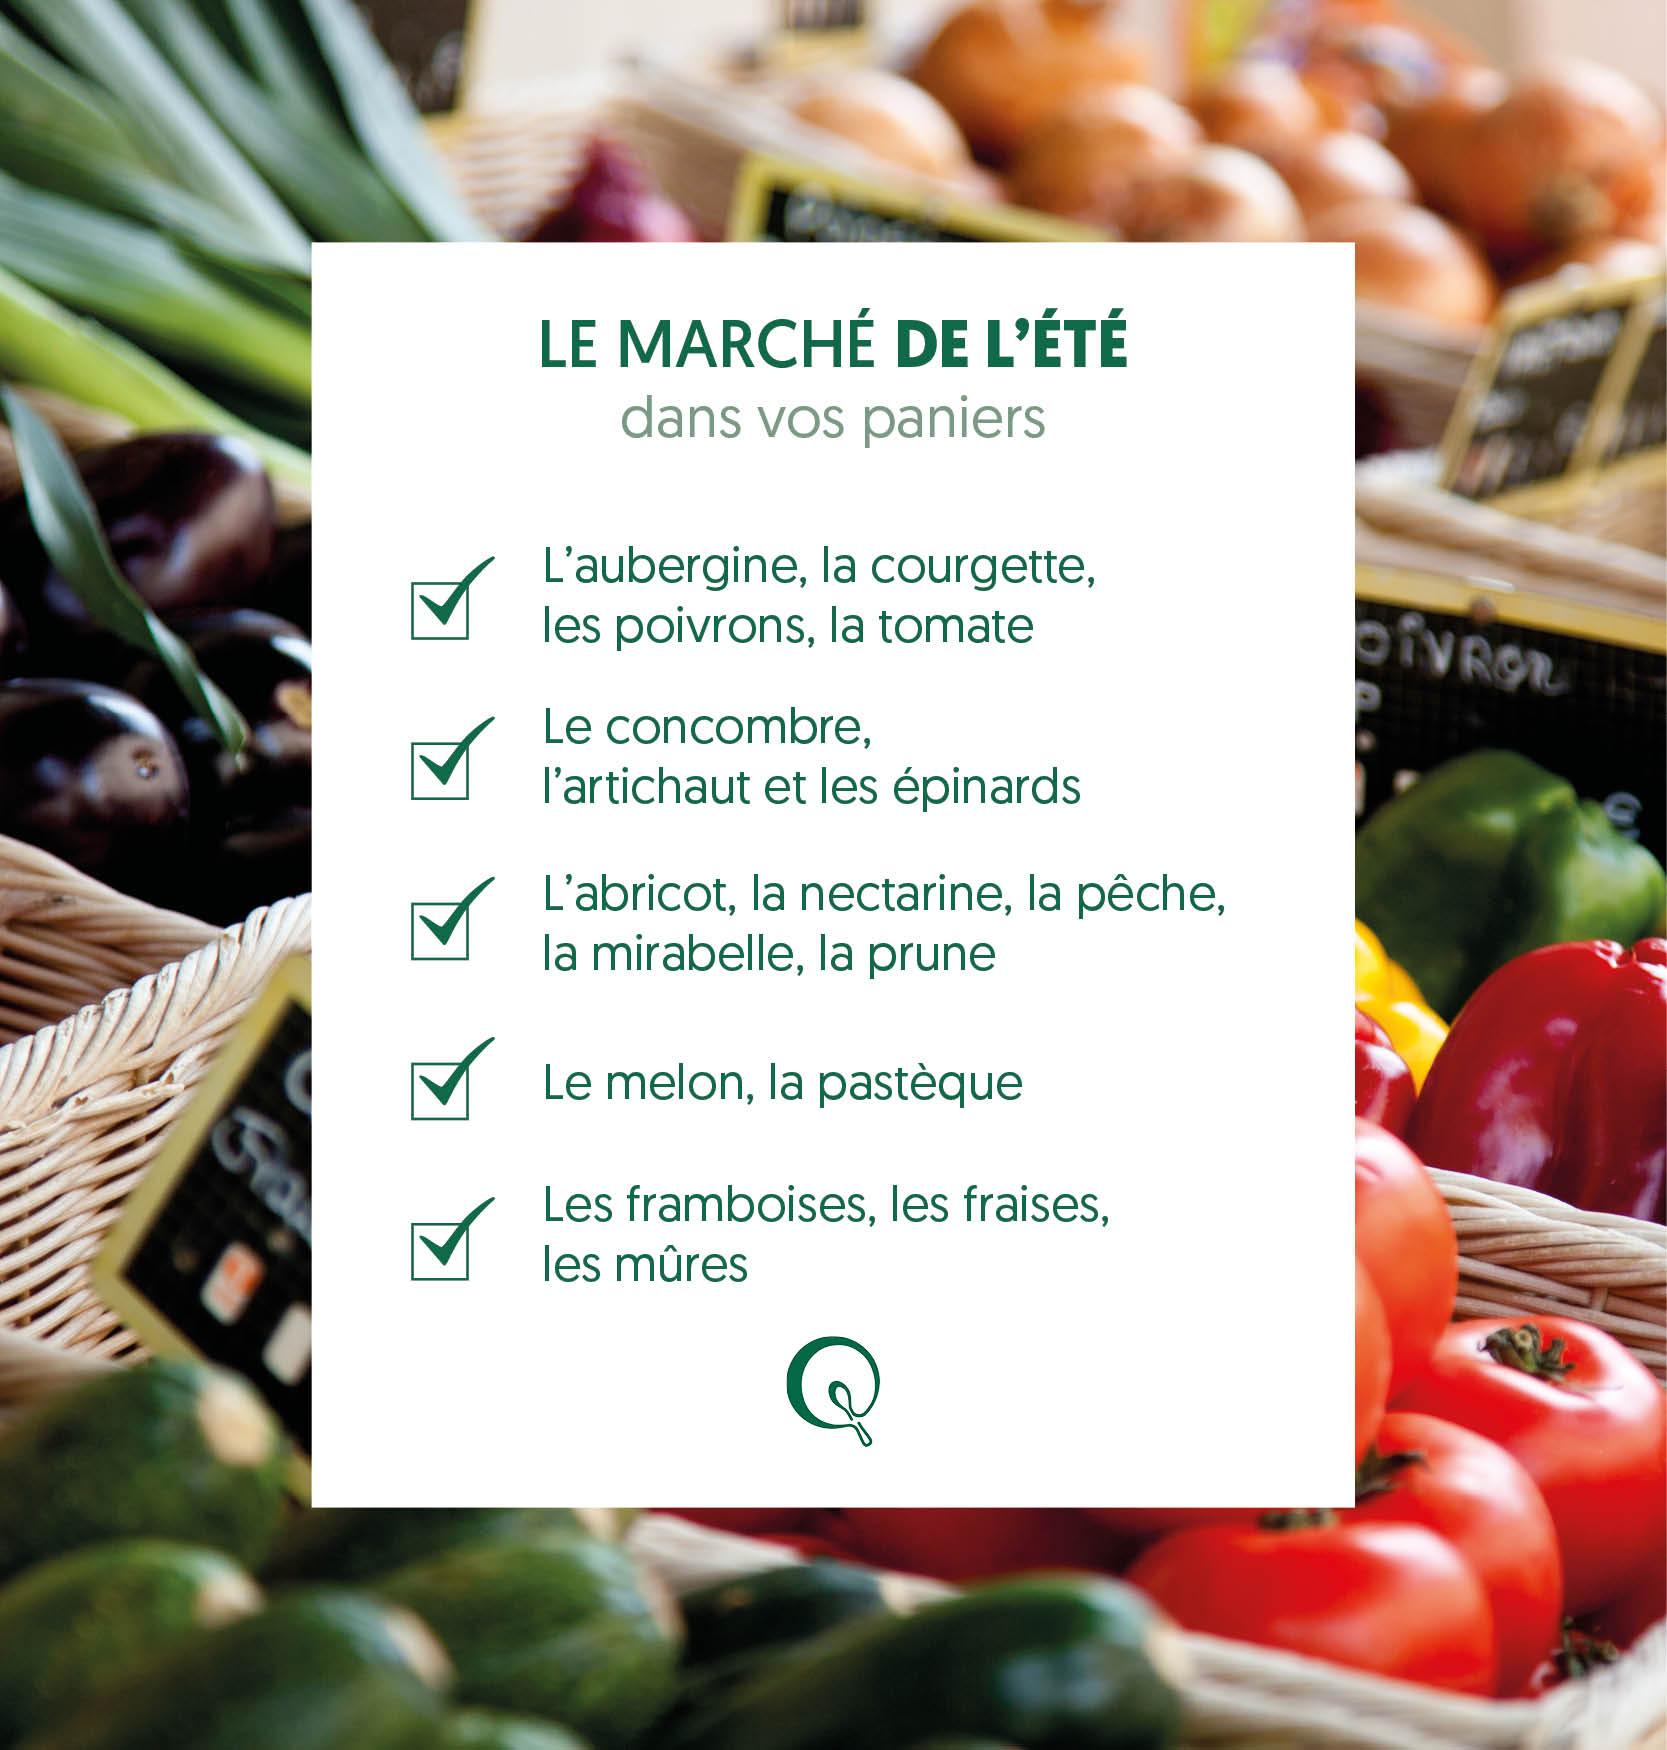 Liste des fruits et légumes de l'été